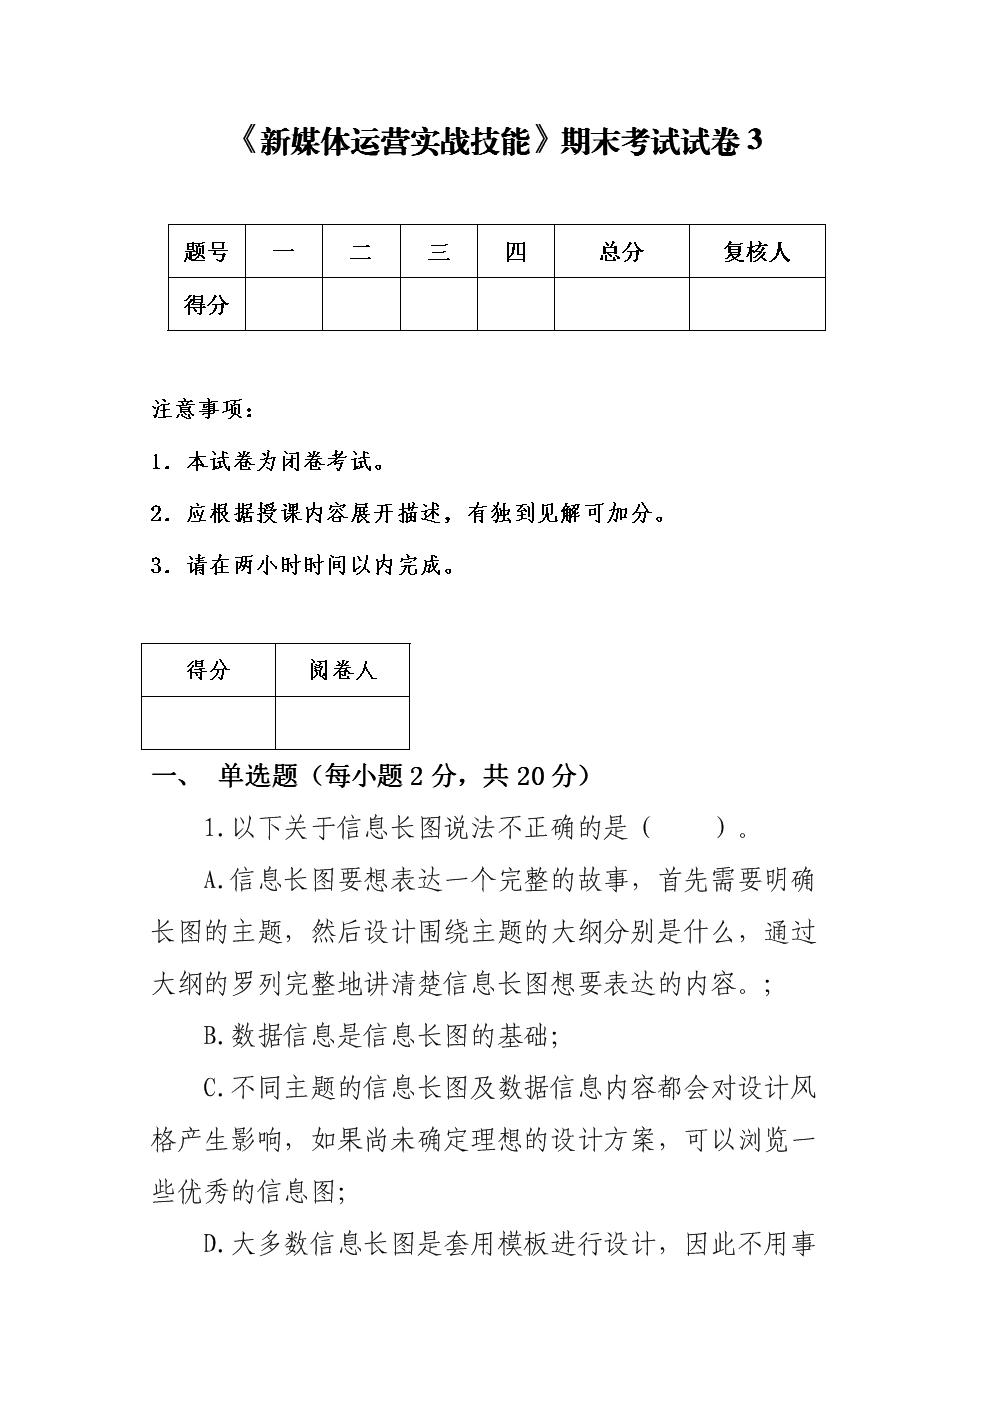 《新媒体运营实战技能》期末考试试卷3(含参考答案).doc